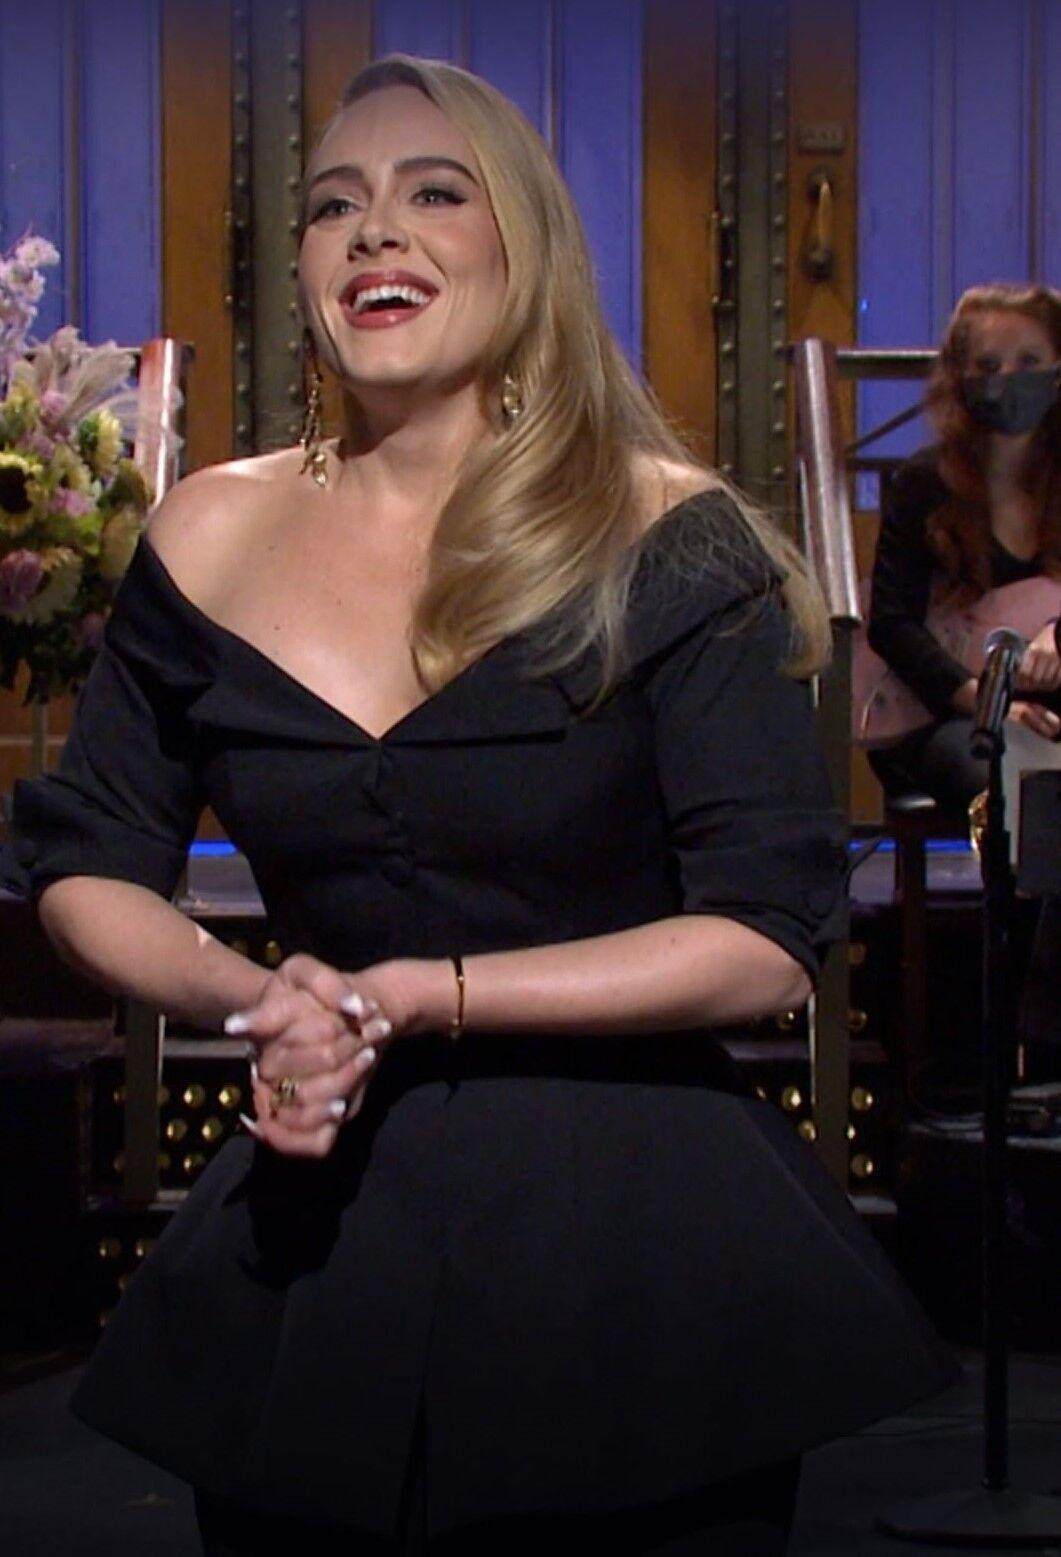 Адель з'явилася в чорному костюмі, що складається з звужених штанів і корсетного топа з відкритими плечима.